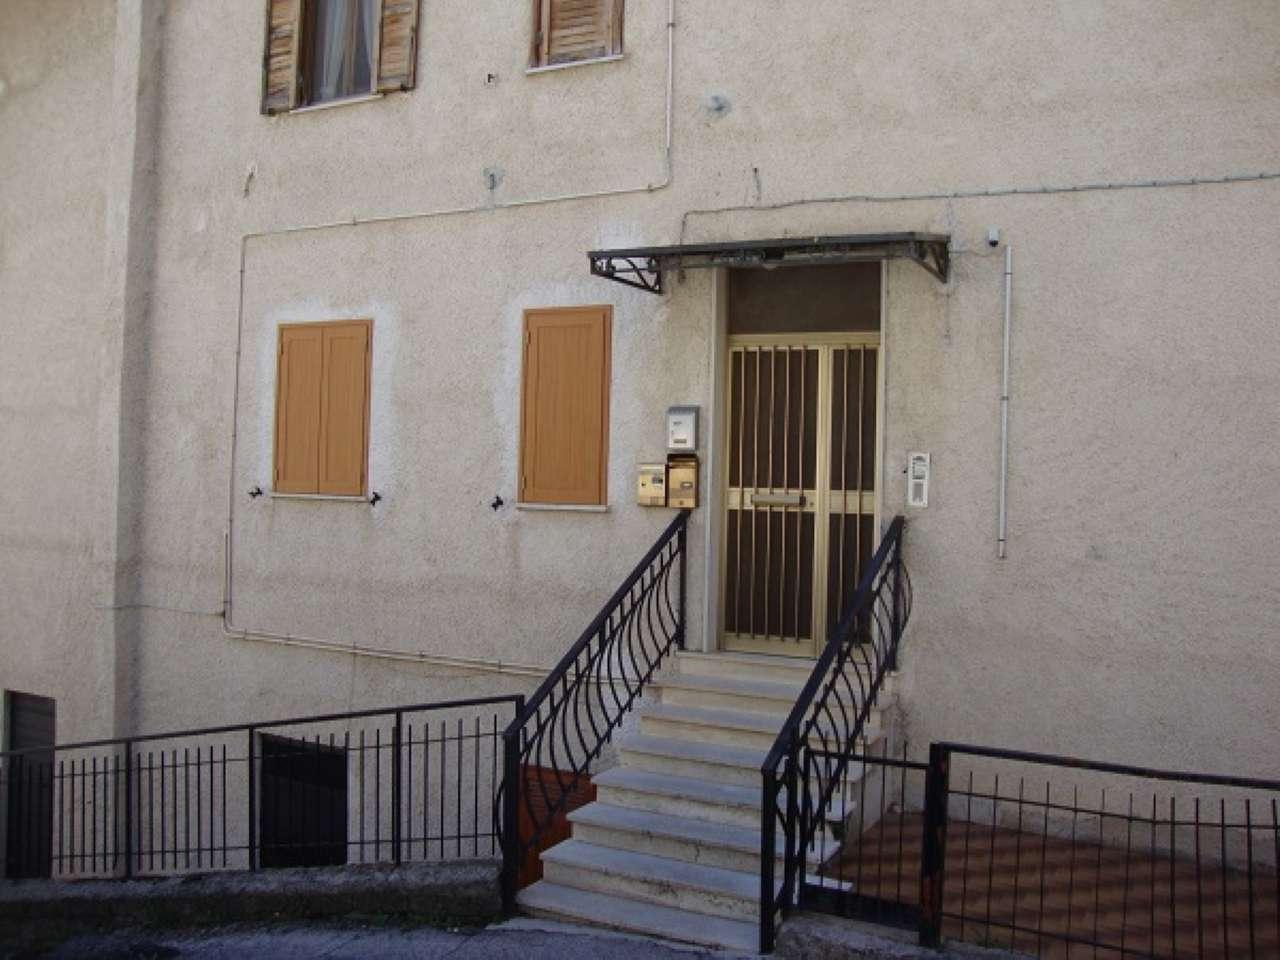 Trilocale, Via San Lorenzo, Piglio, foto 19